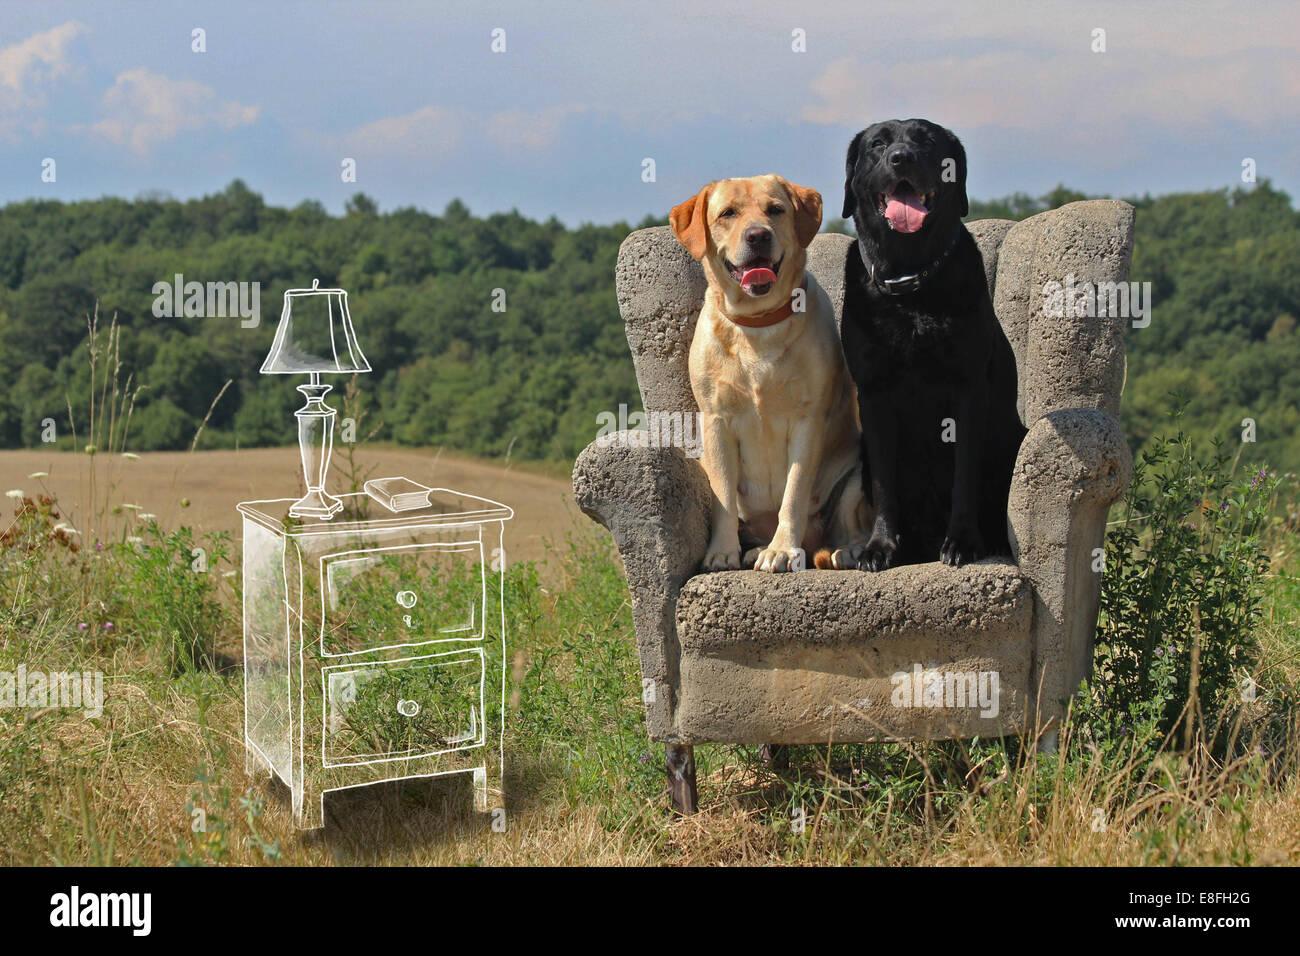 Konzeptbild Hunde sitzen in einem Wohnzimmer Stockbild